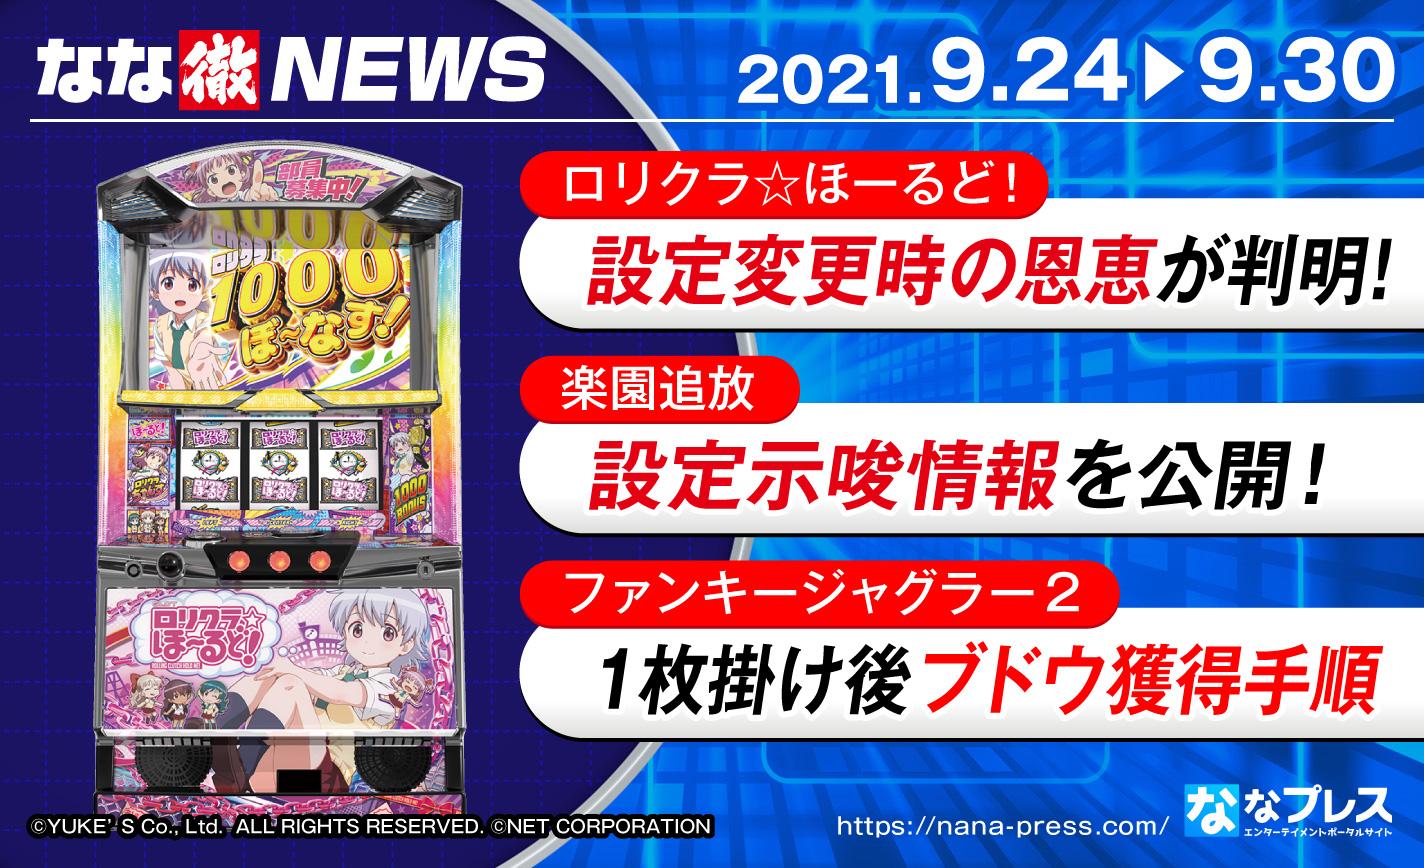 最新解析情報:2021年9月24日〜30日【ロリクラ☆ほーるど!/楽園追放/ファンキージャグラー2】 eyecatch-image